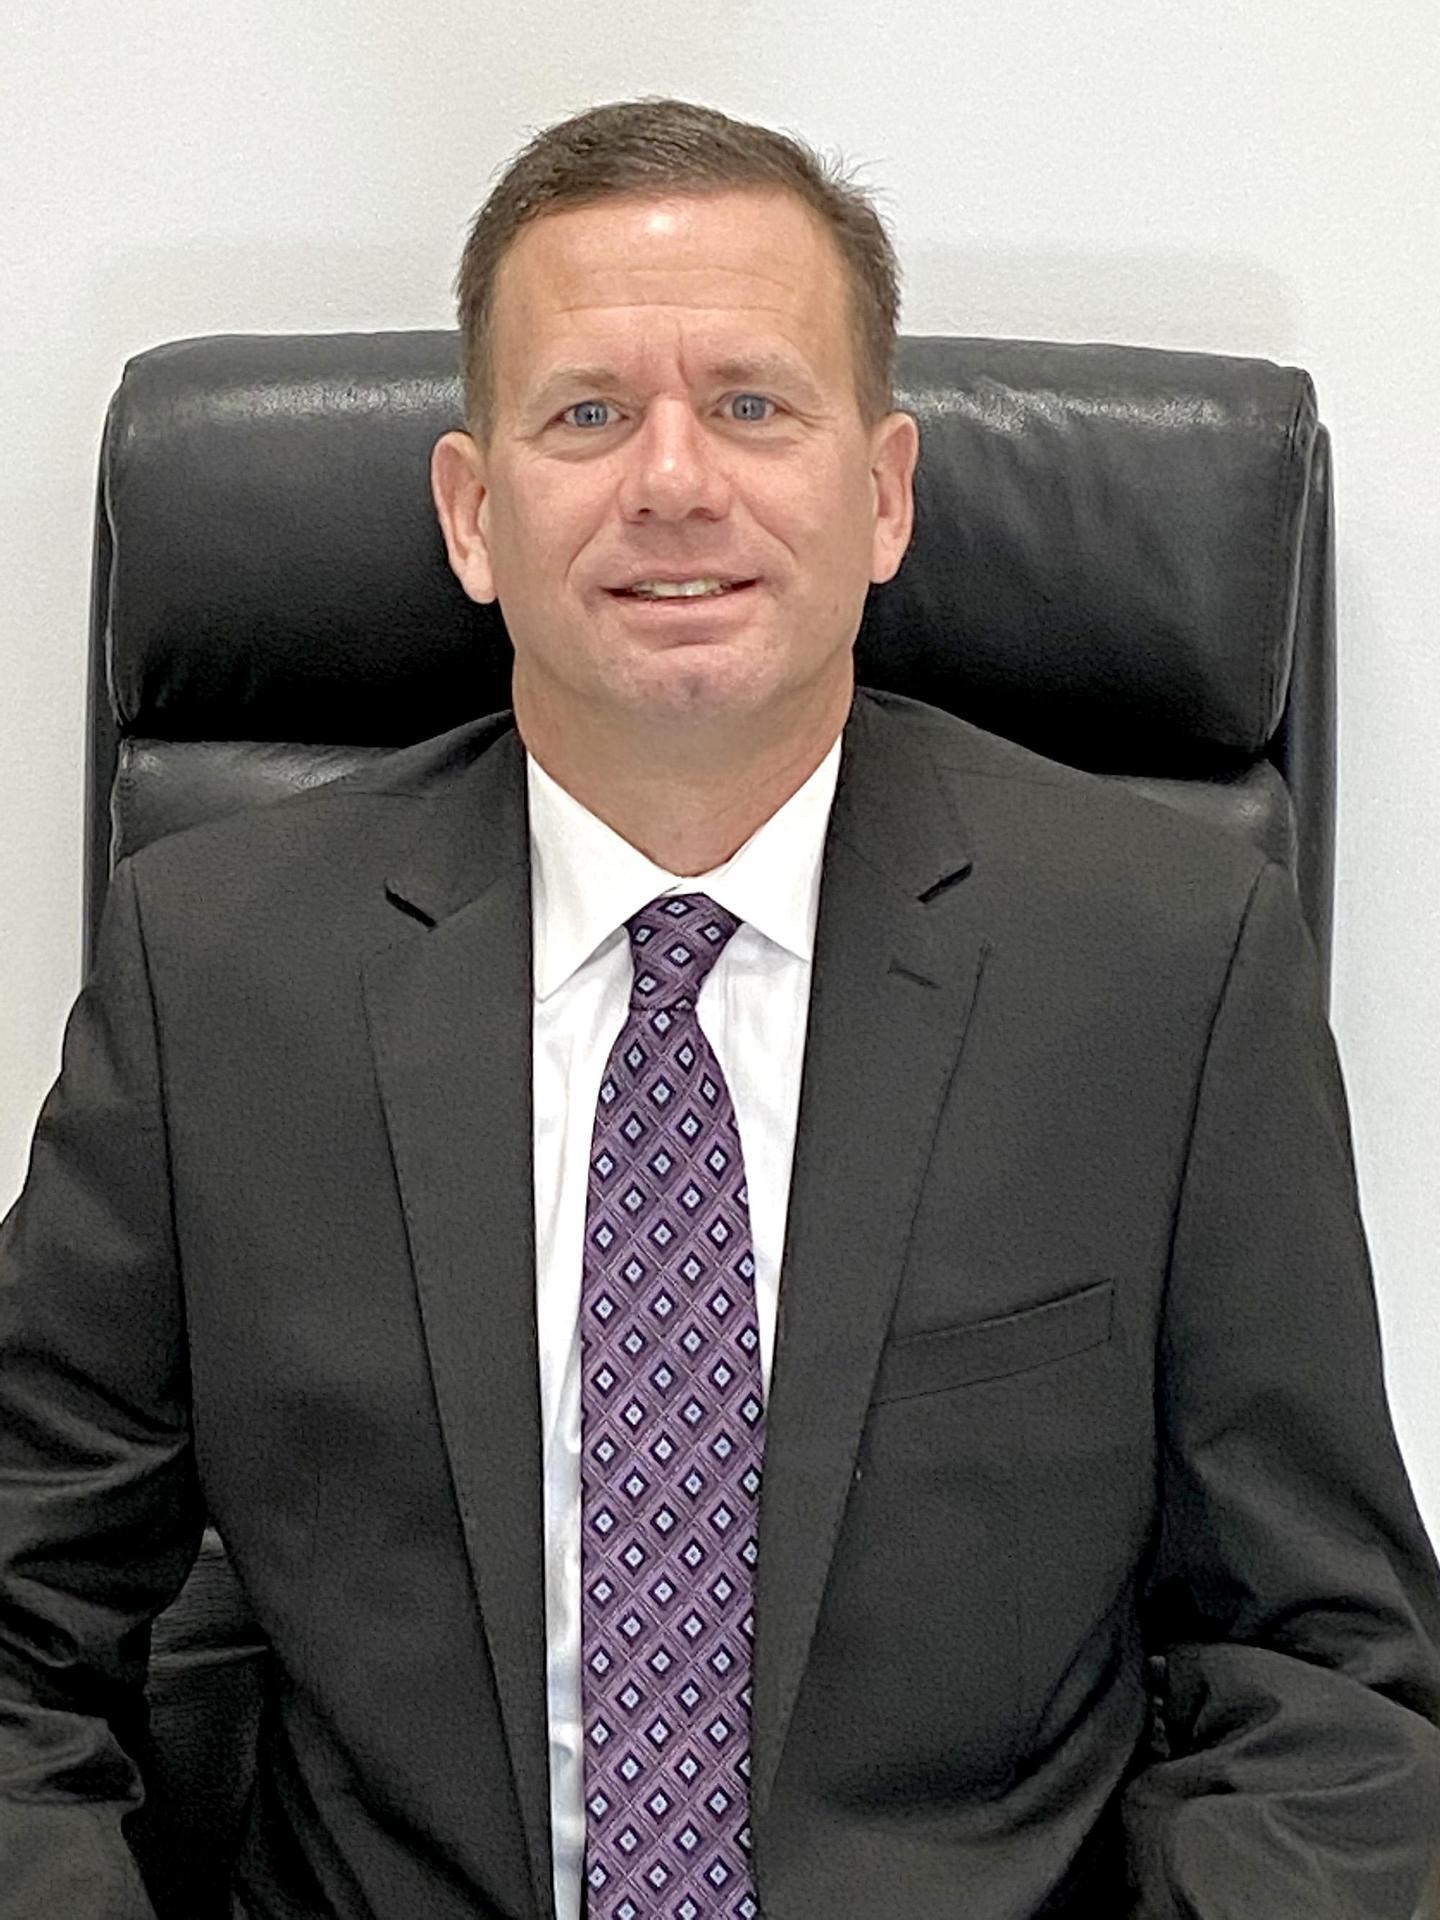 Formal photo, David Brady